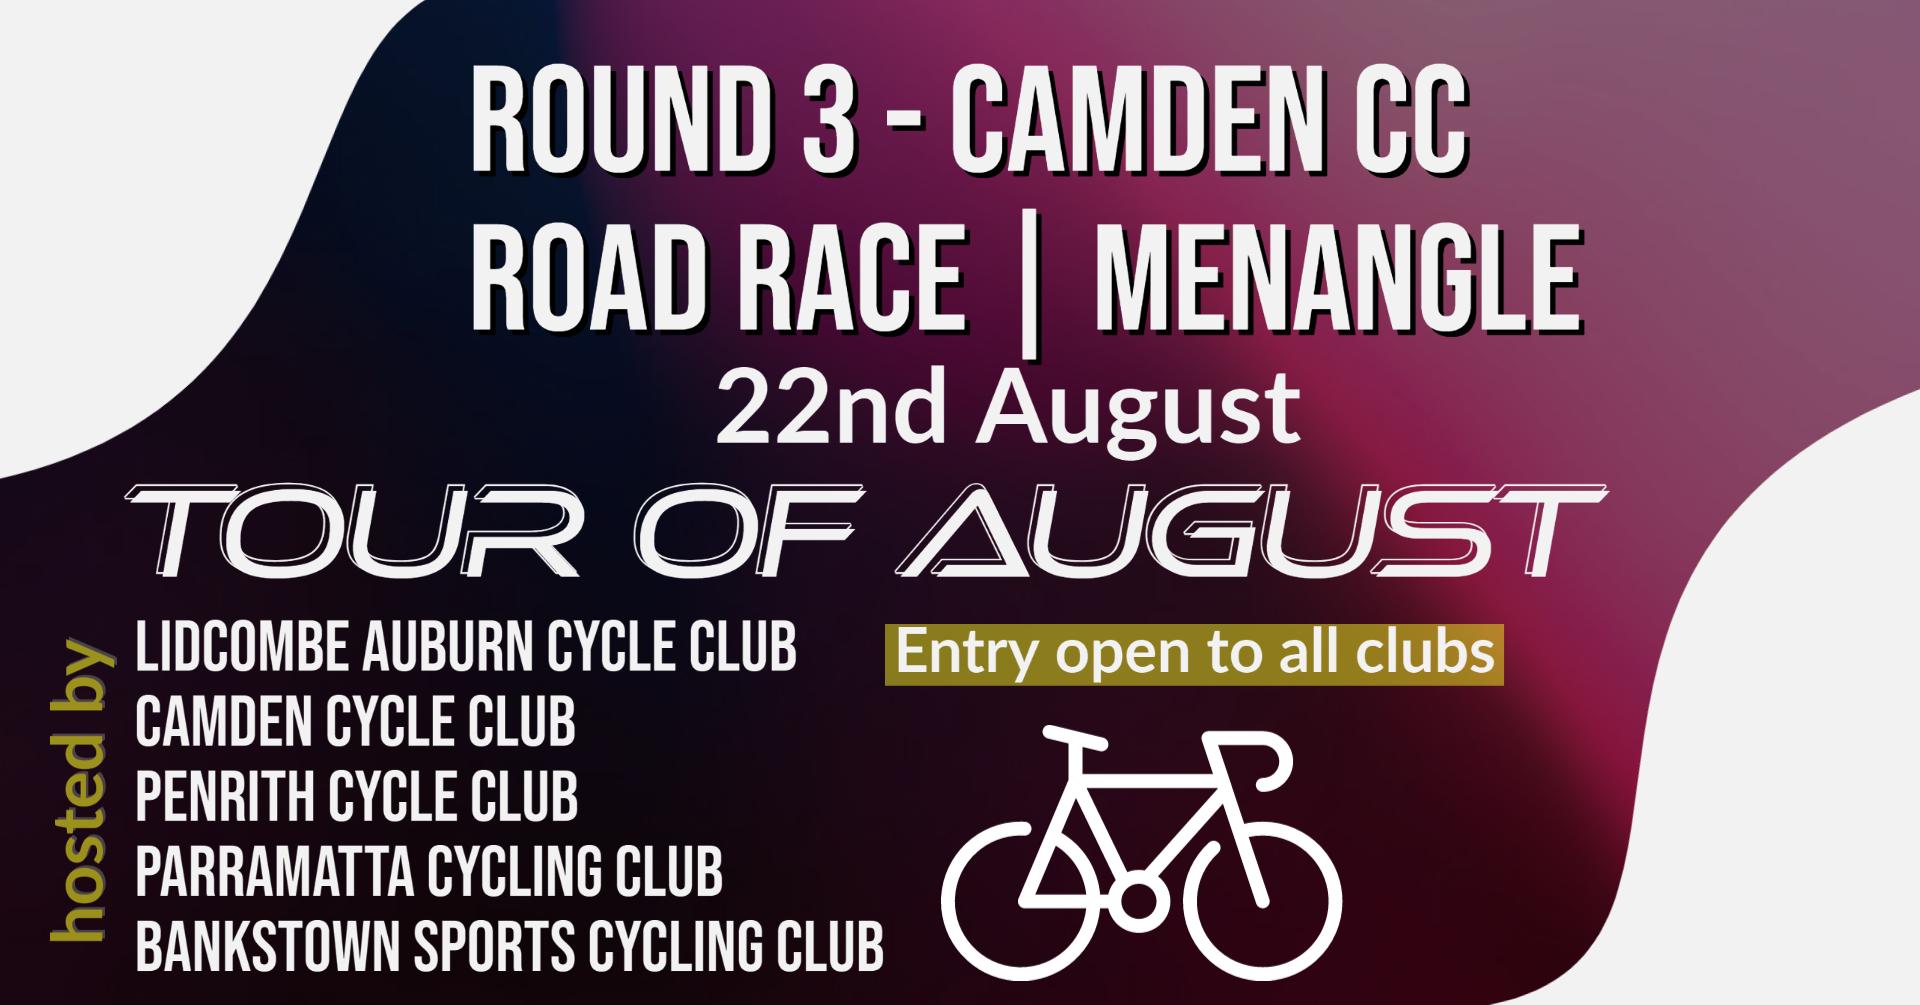 Tour of August round 3 camden cc